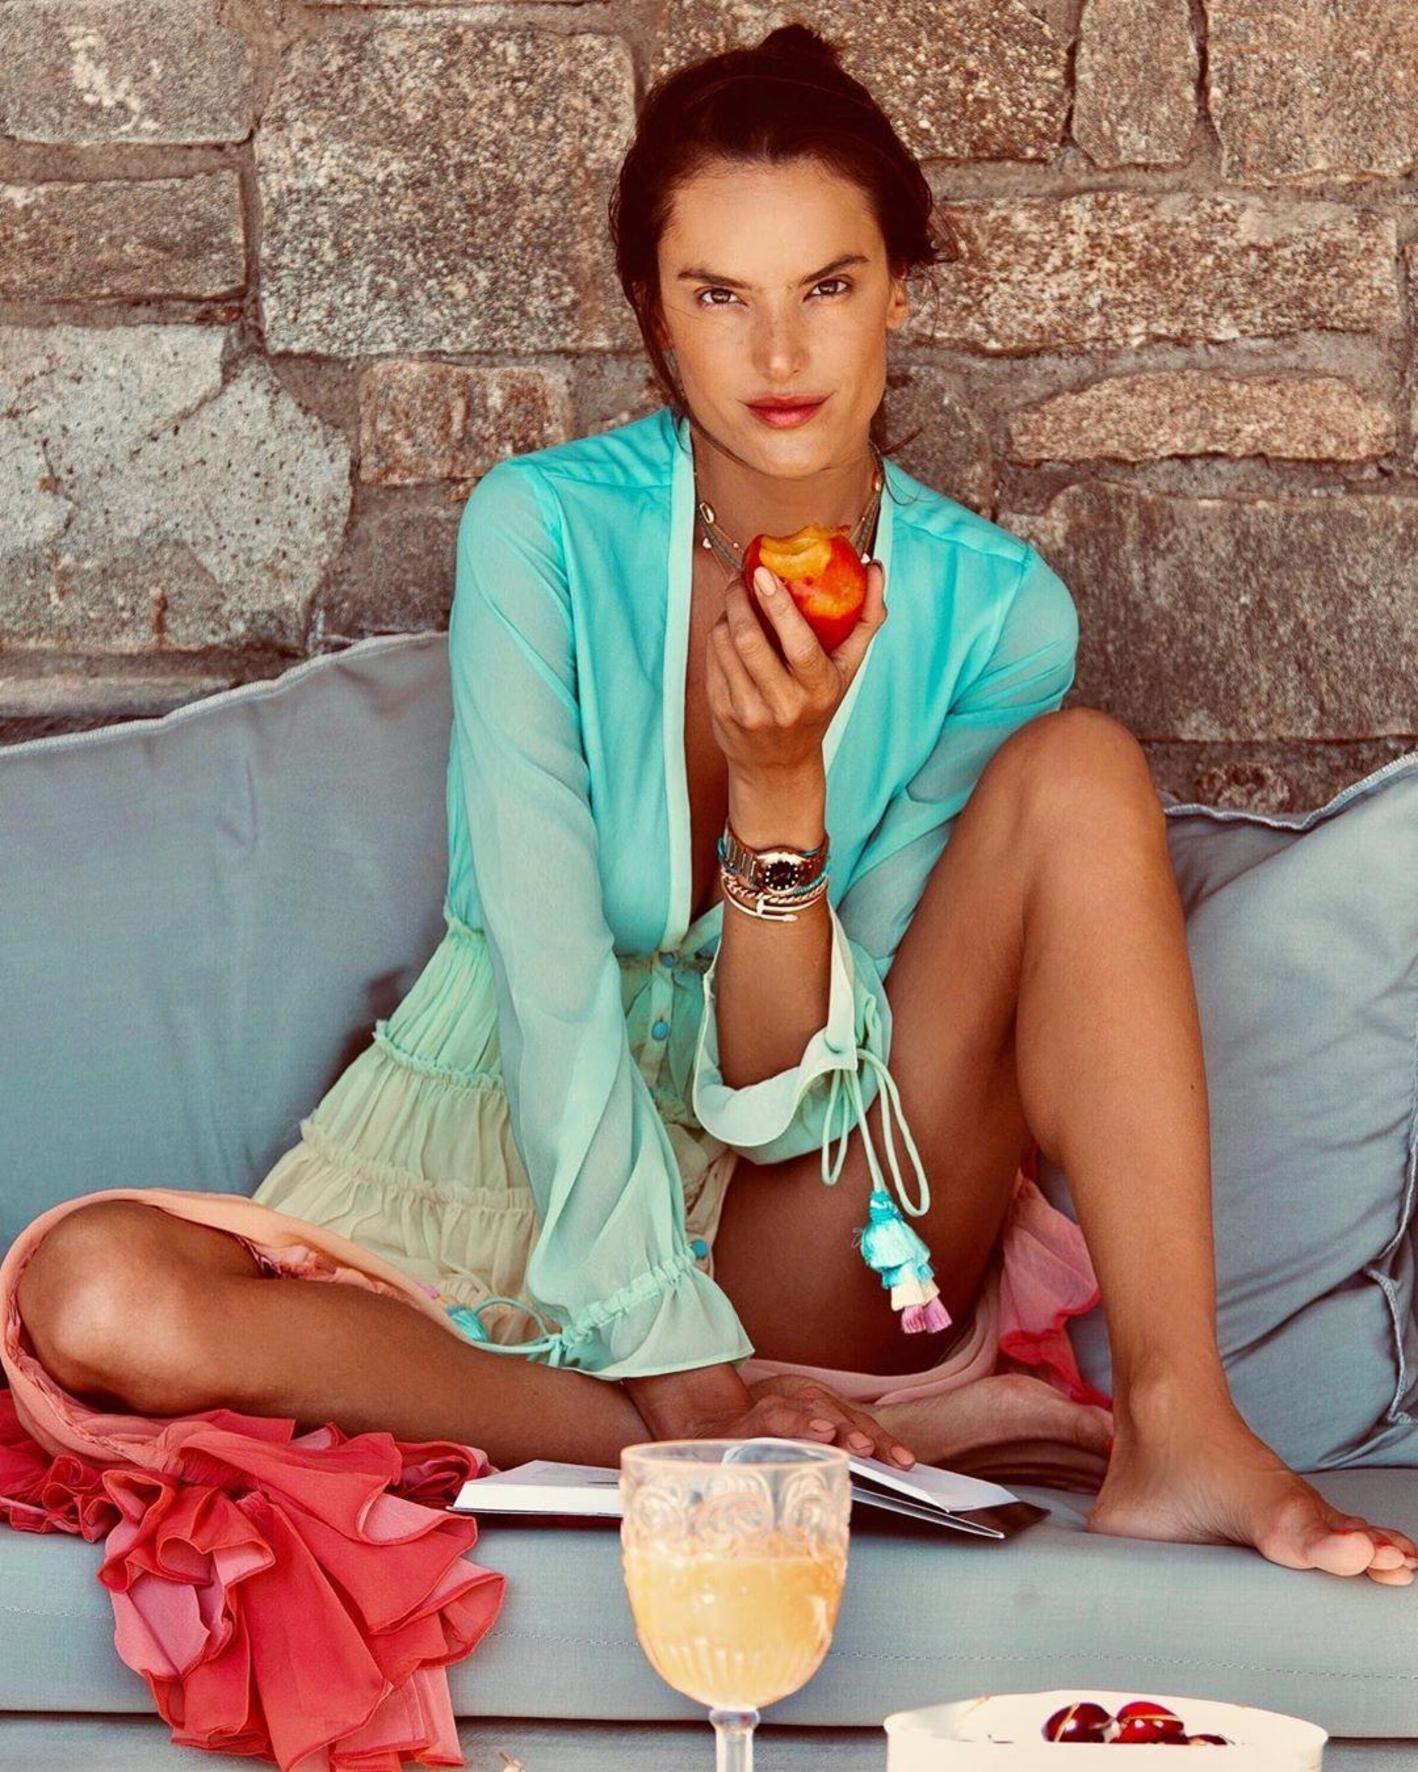 Alessandra Ambrosio (alessandraambrosio / 26.07.2019): Summer flavor